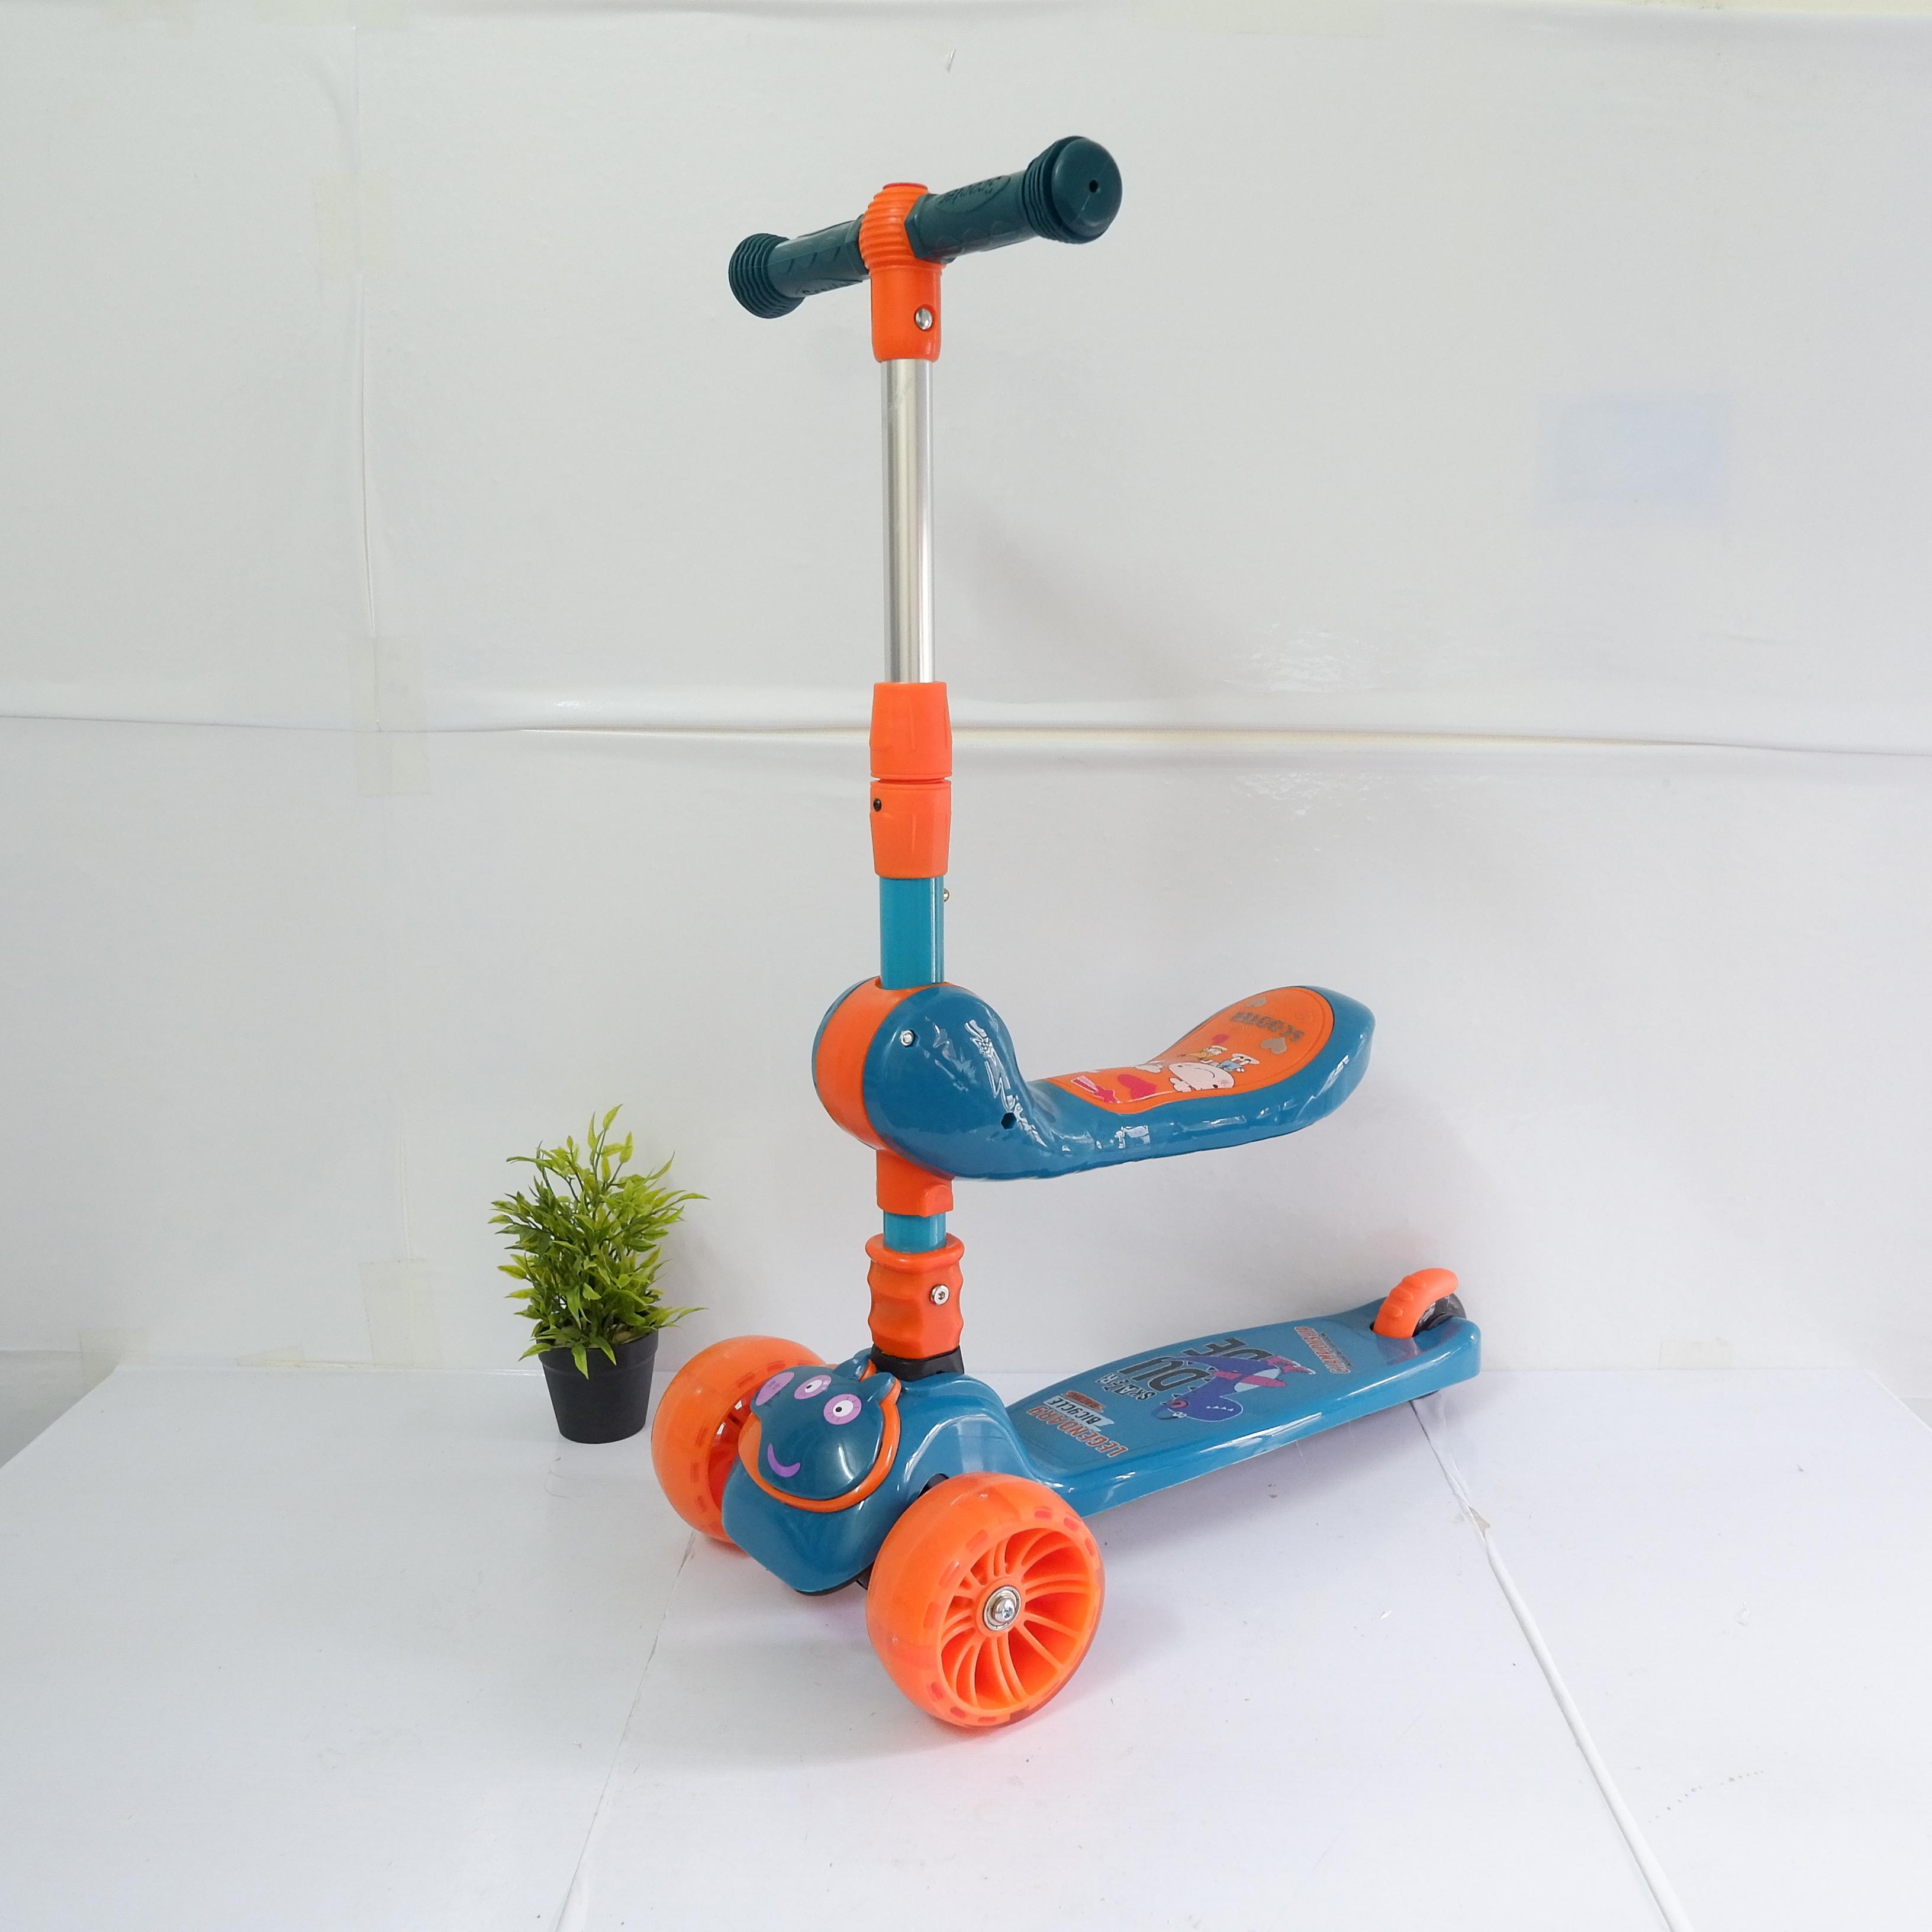 Xe Trượt Scooter Cao Cấp 3 Bánh Phát Sáng, Phát Nhạc - Hàng chính hãng